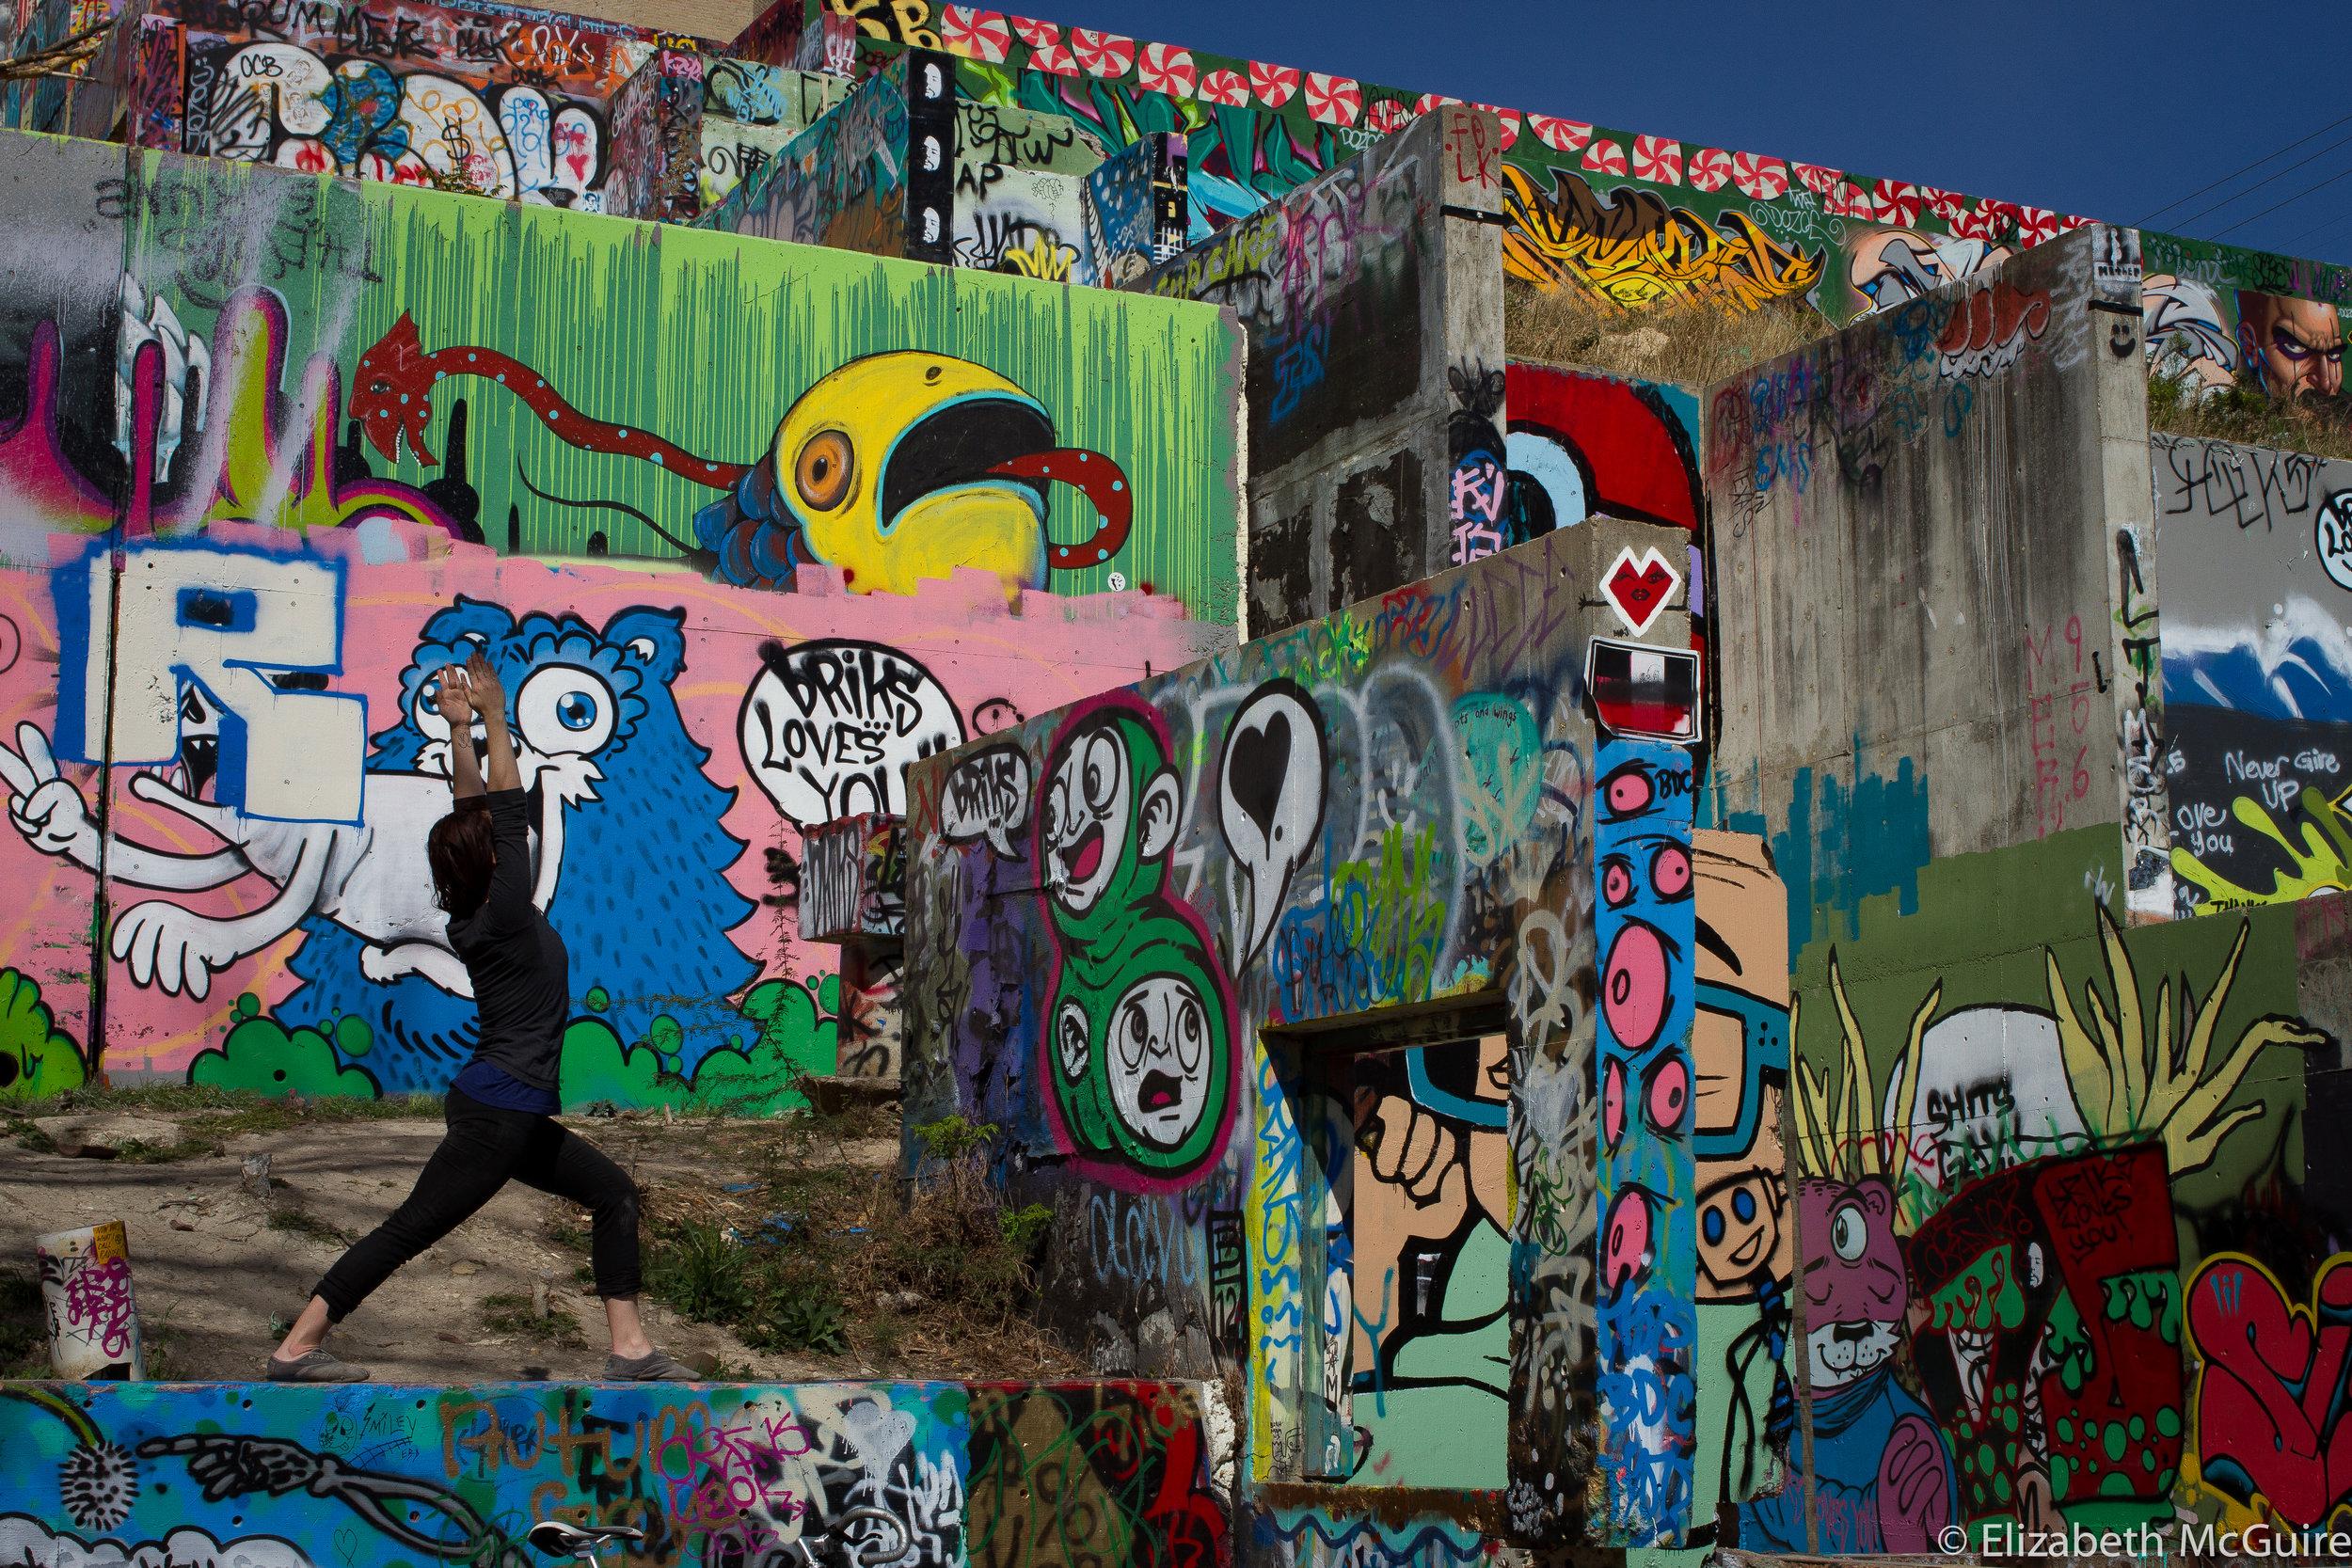 2013.03.06.graffiti-185